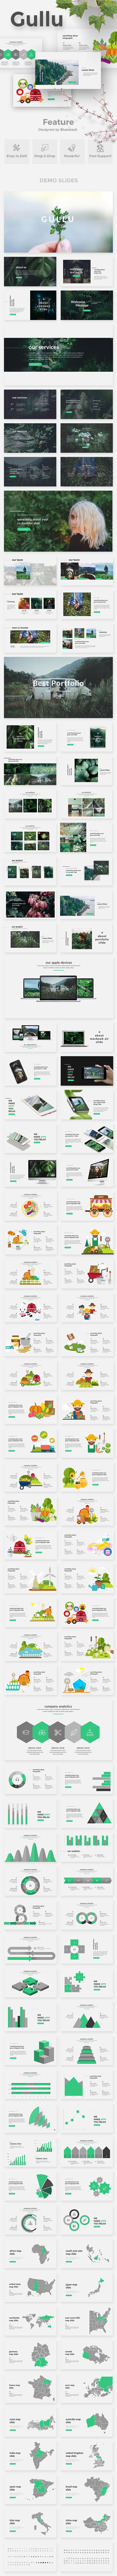 GraphicRiver Gullu Creative Keynote Template 21187539